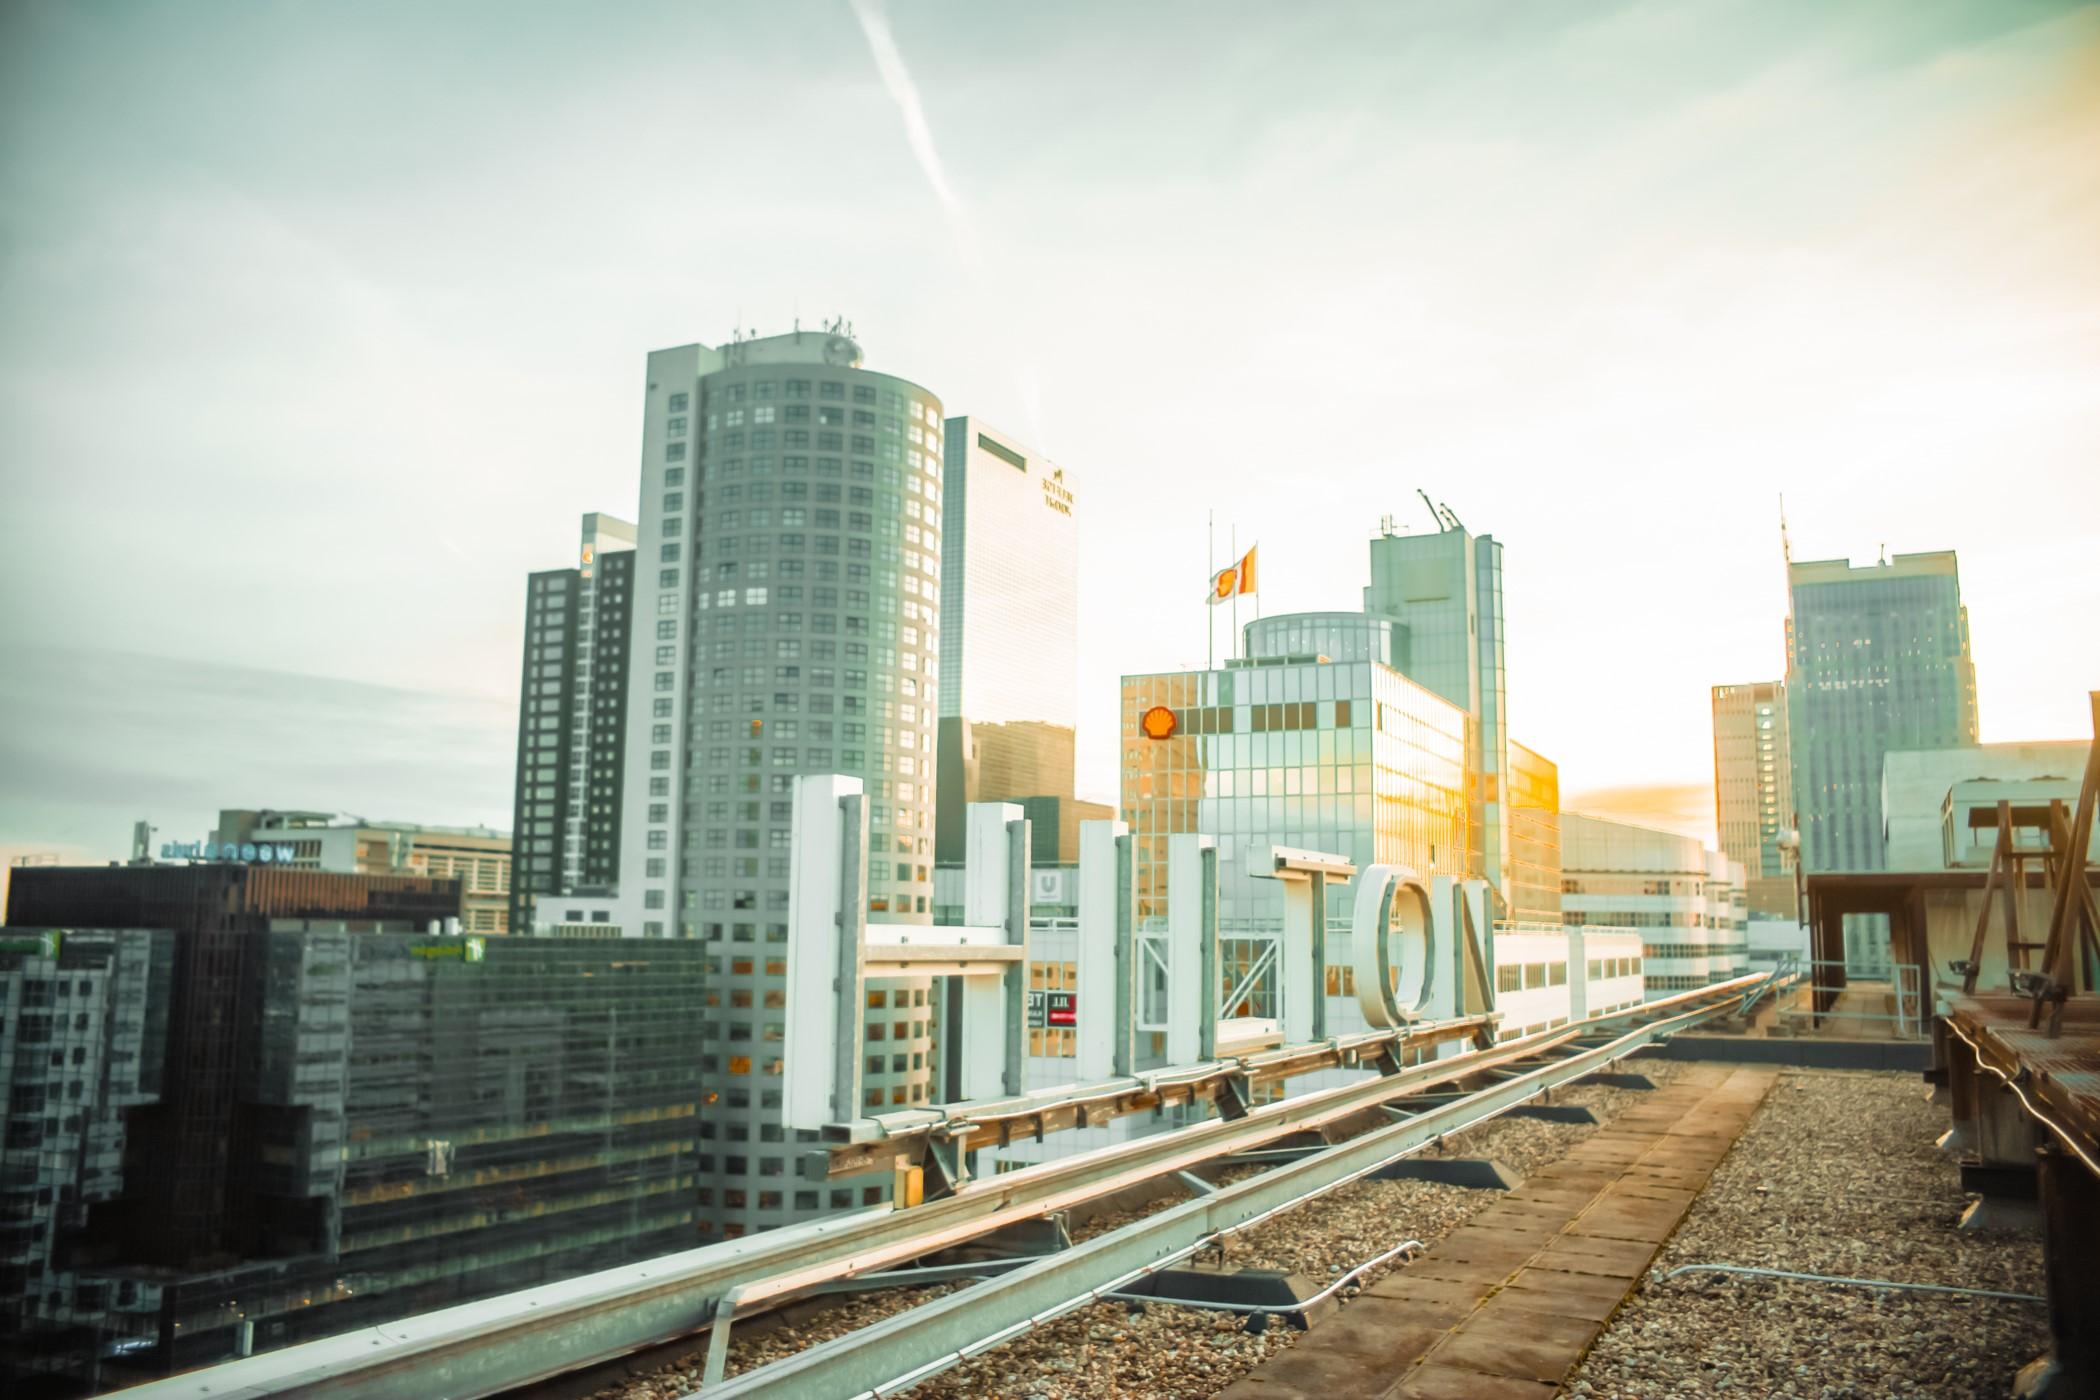 Cover foto met daarop gevelreclame van Hilton Hotel Rotterdam